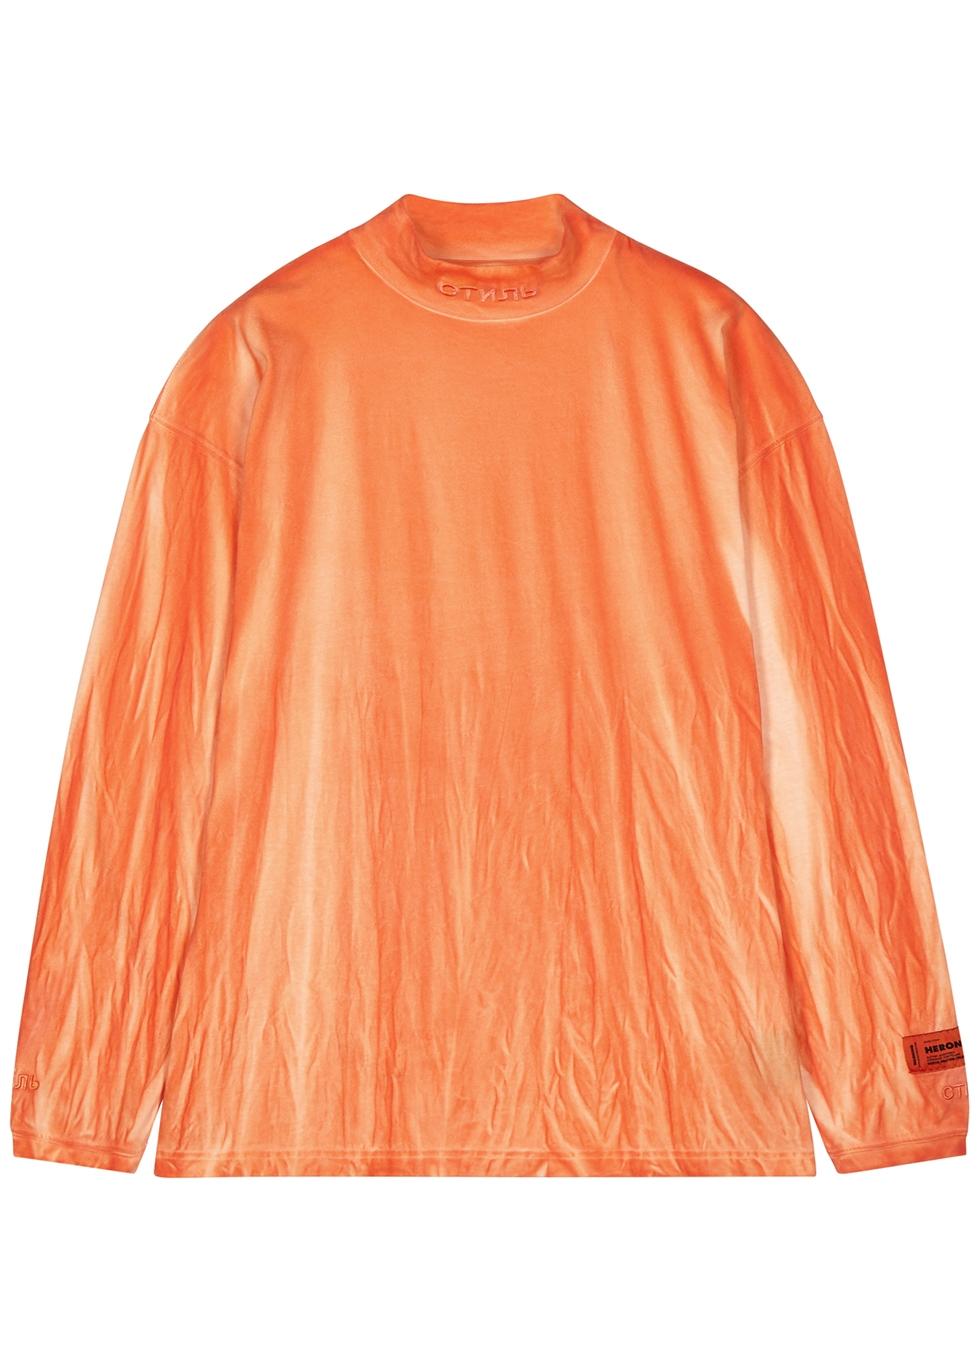 CTNMB orange tie-dye cotton top